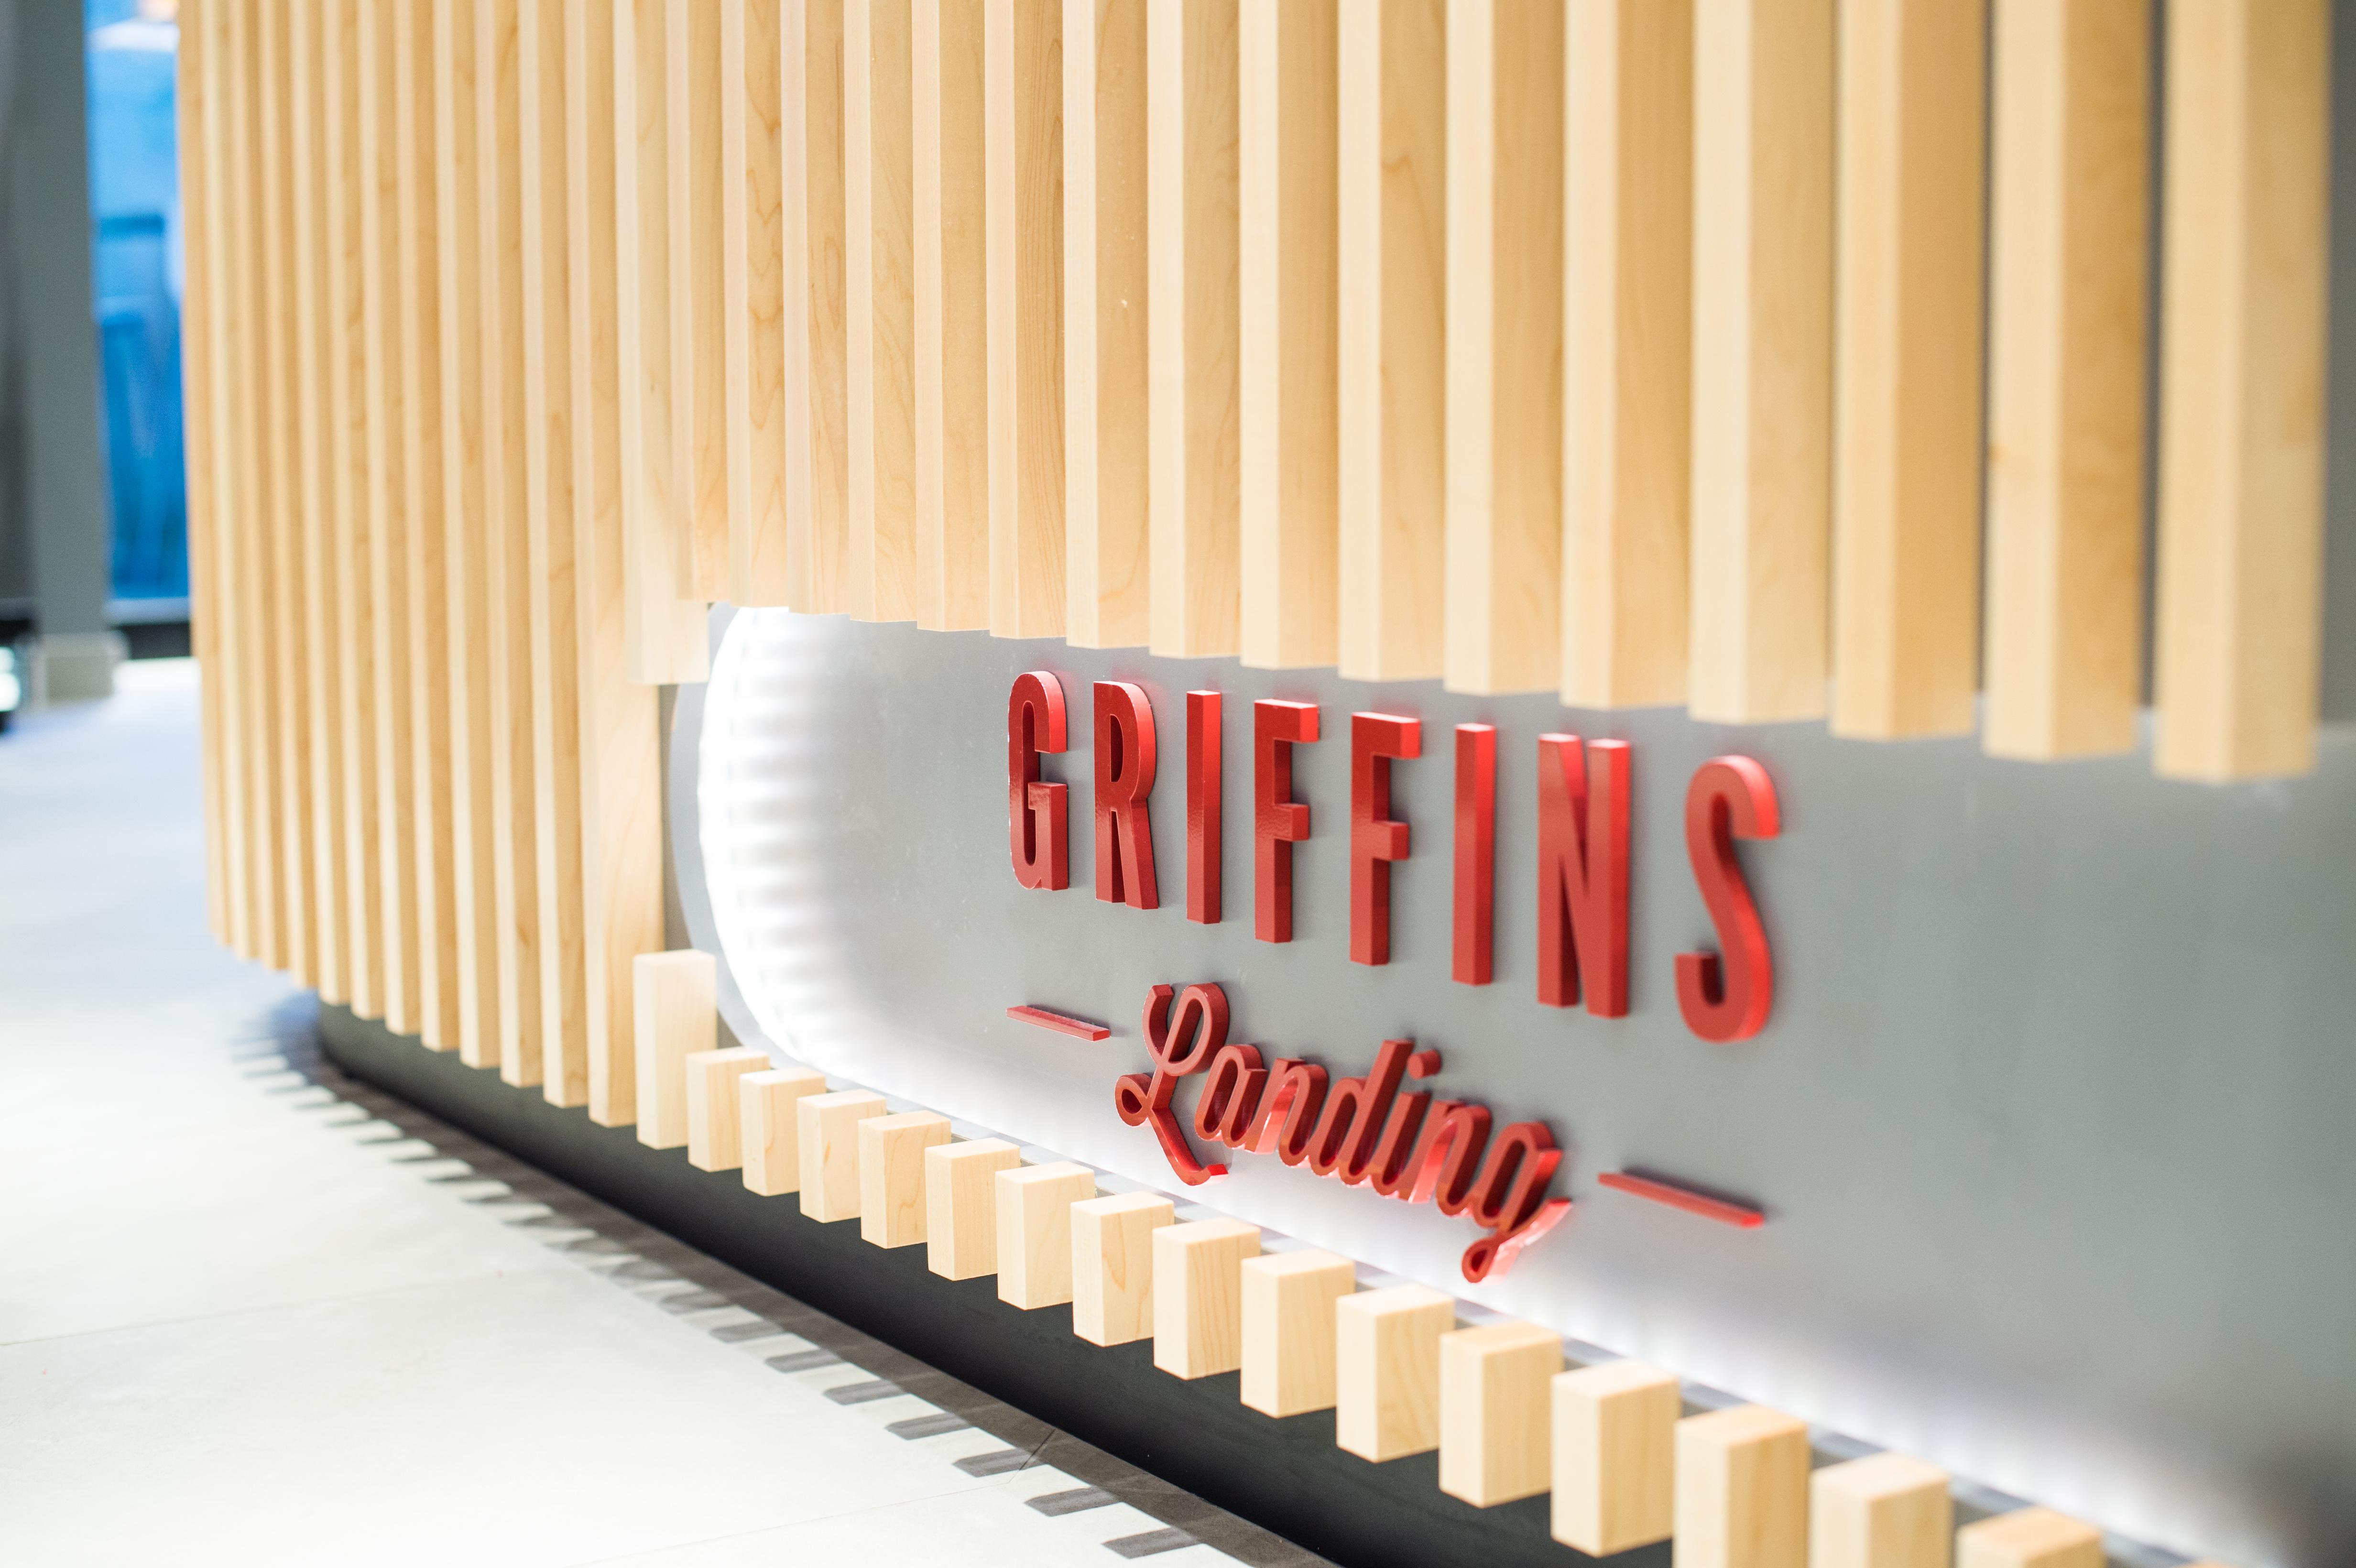 GriffinsLanding-2015-1101